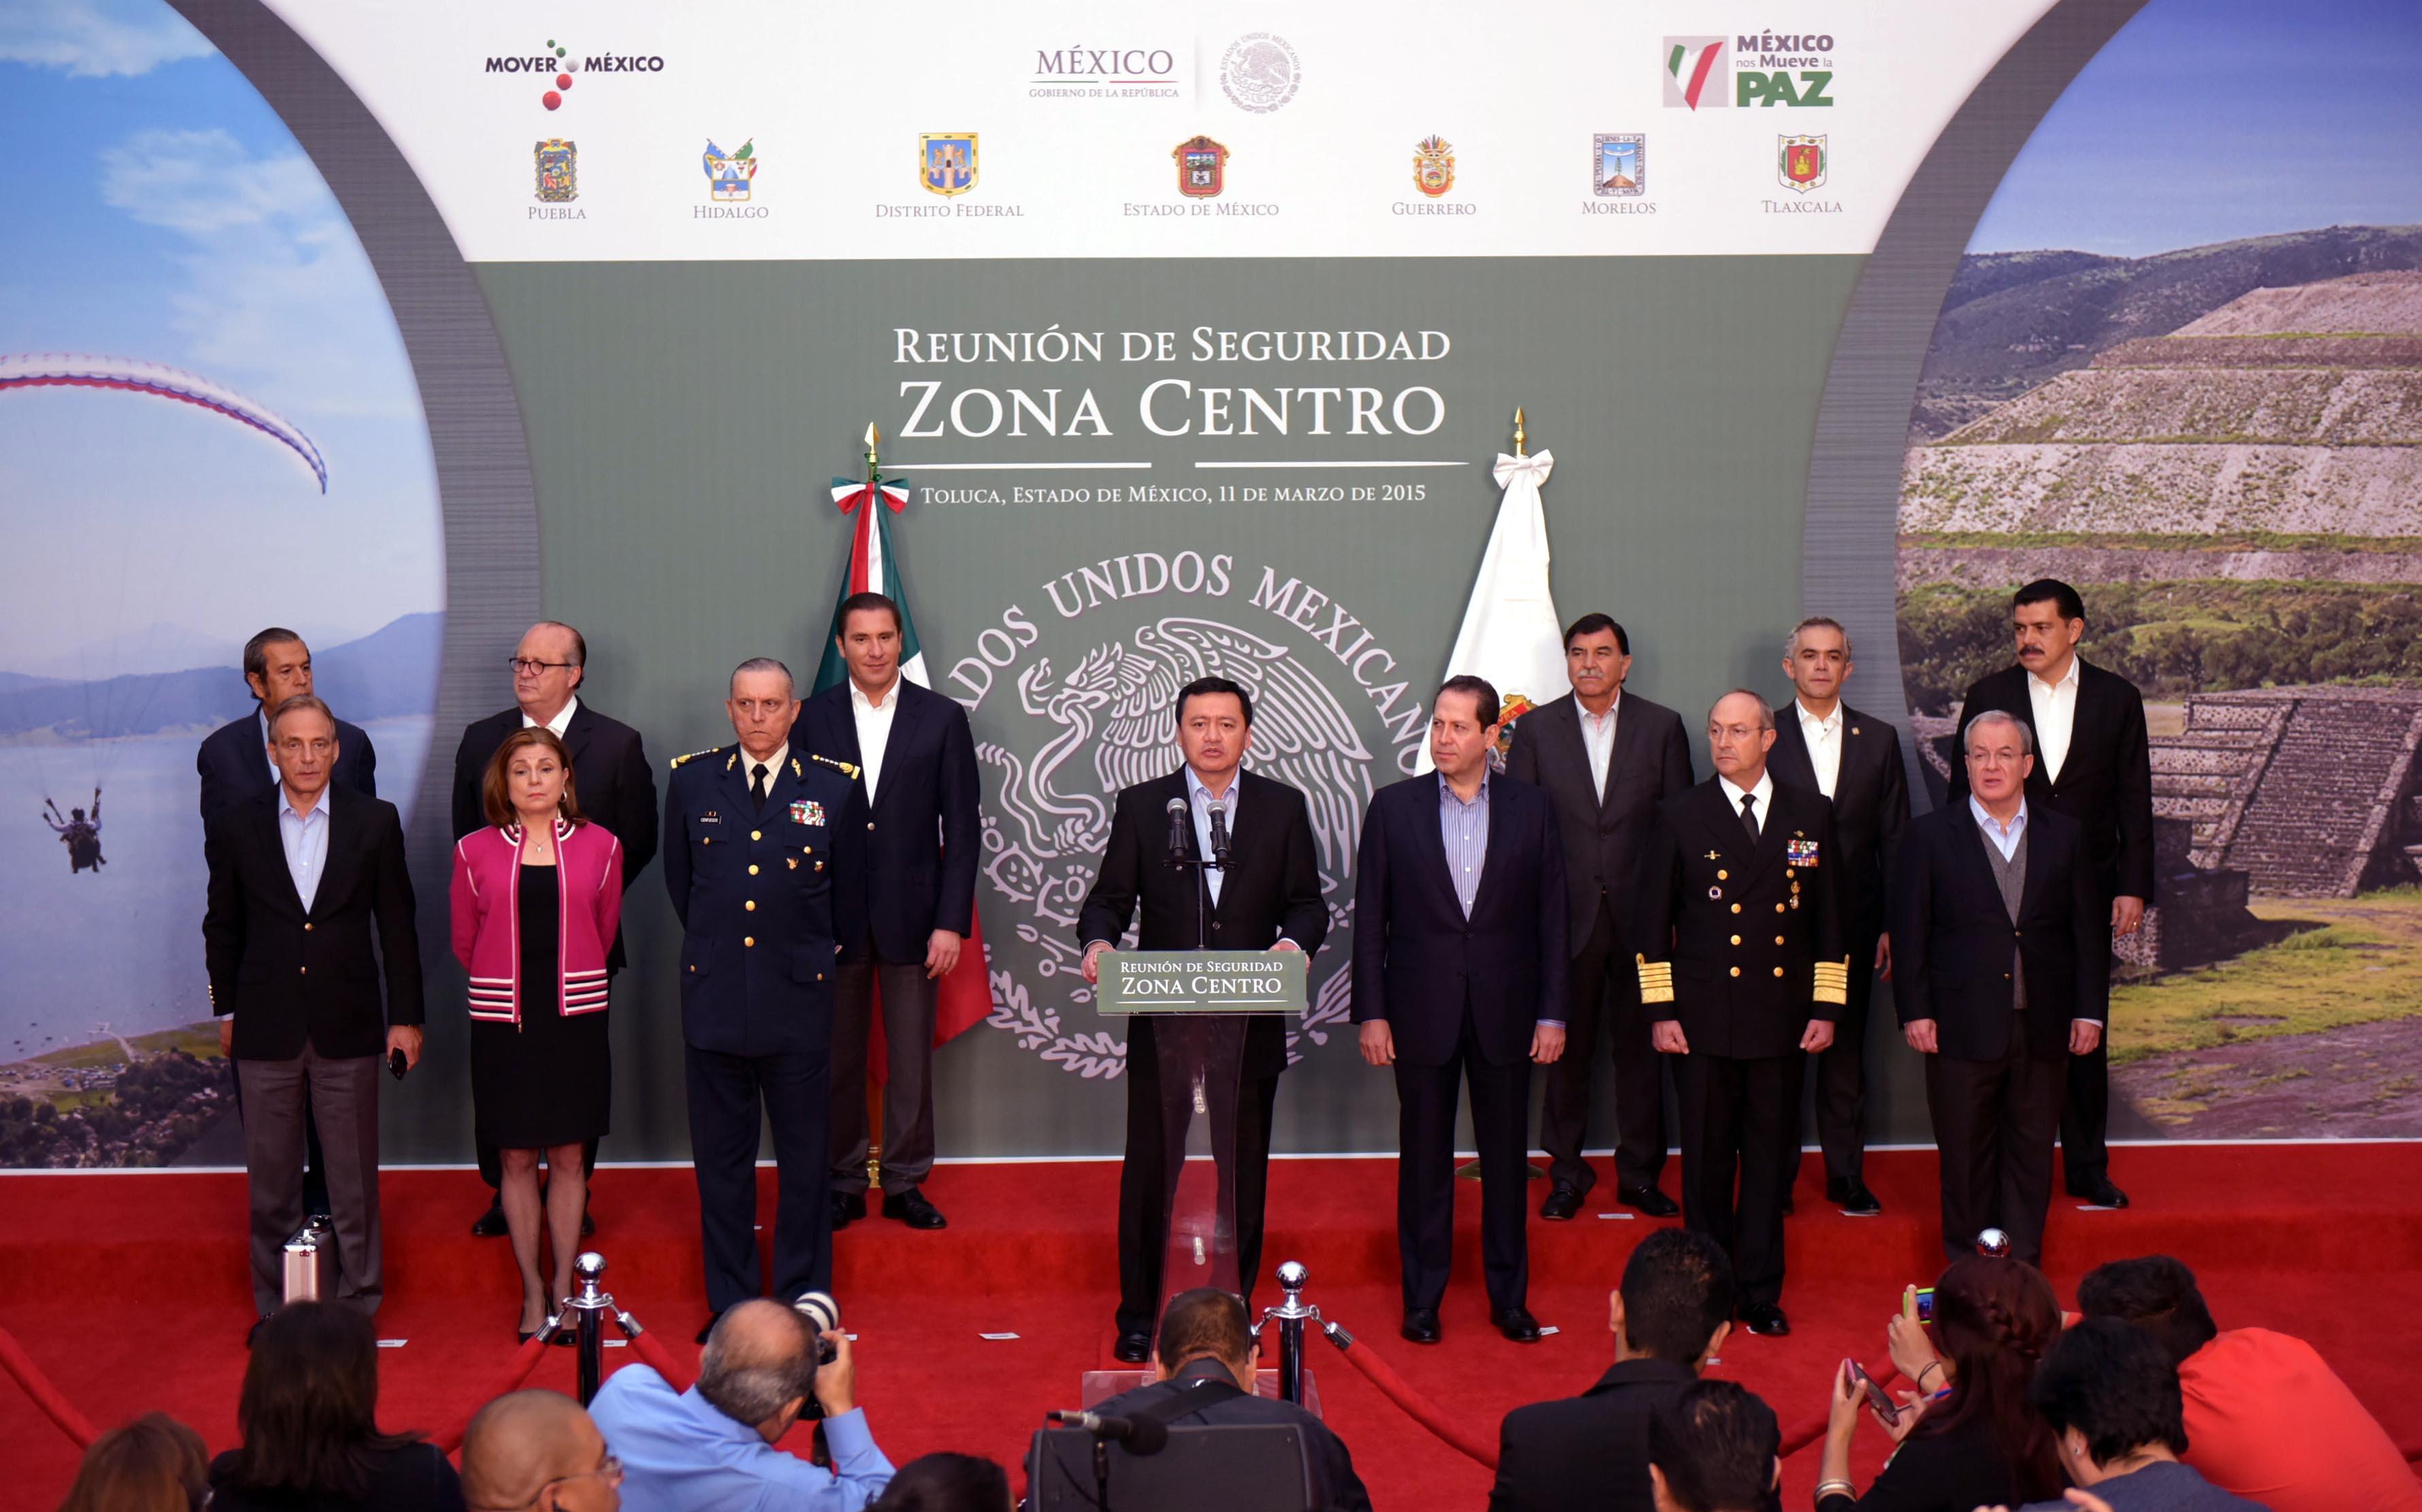 El Secretario de Gobernación, Miguel Ángel Osorio Chong, en la Reunión de Seguridad Zona Centro realizada en Puerto Vallarta, Jalisco